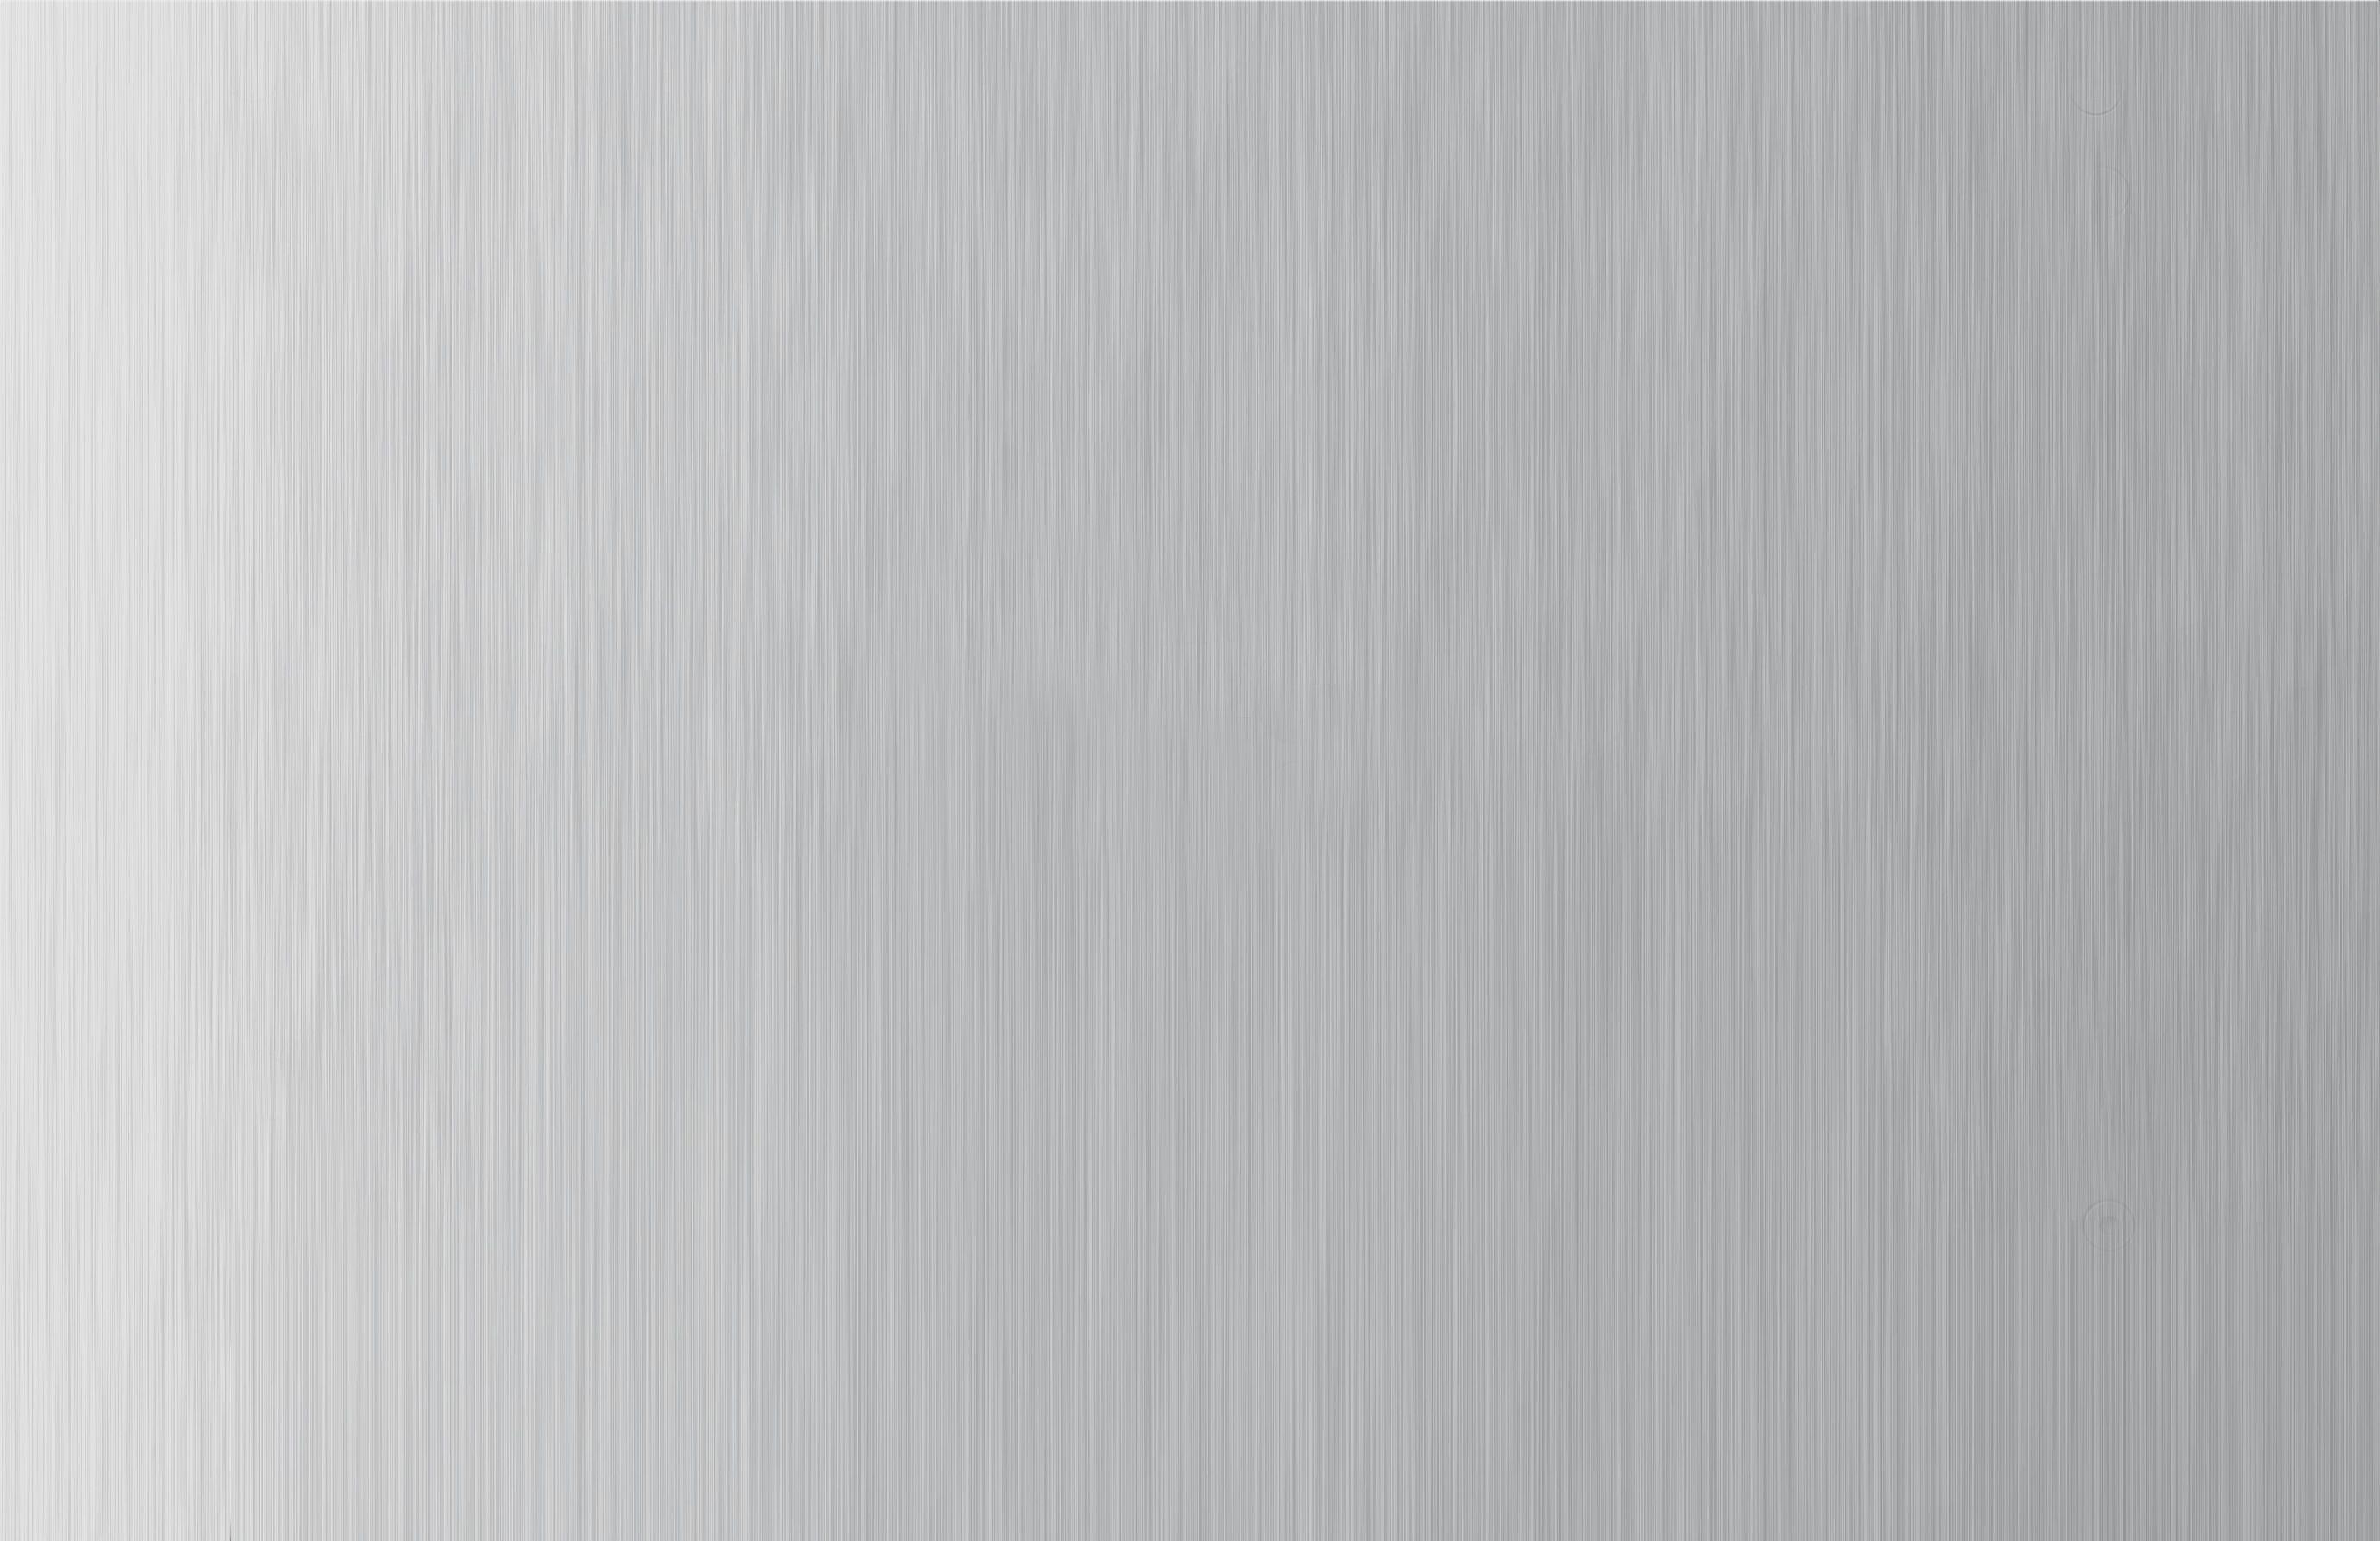 Brushed Metal Pattern Fliesen Bodenfliesen Und Villeroy